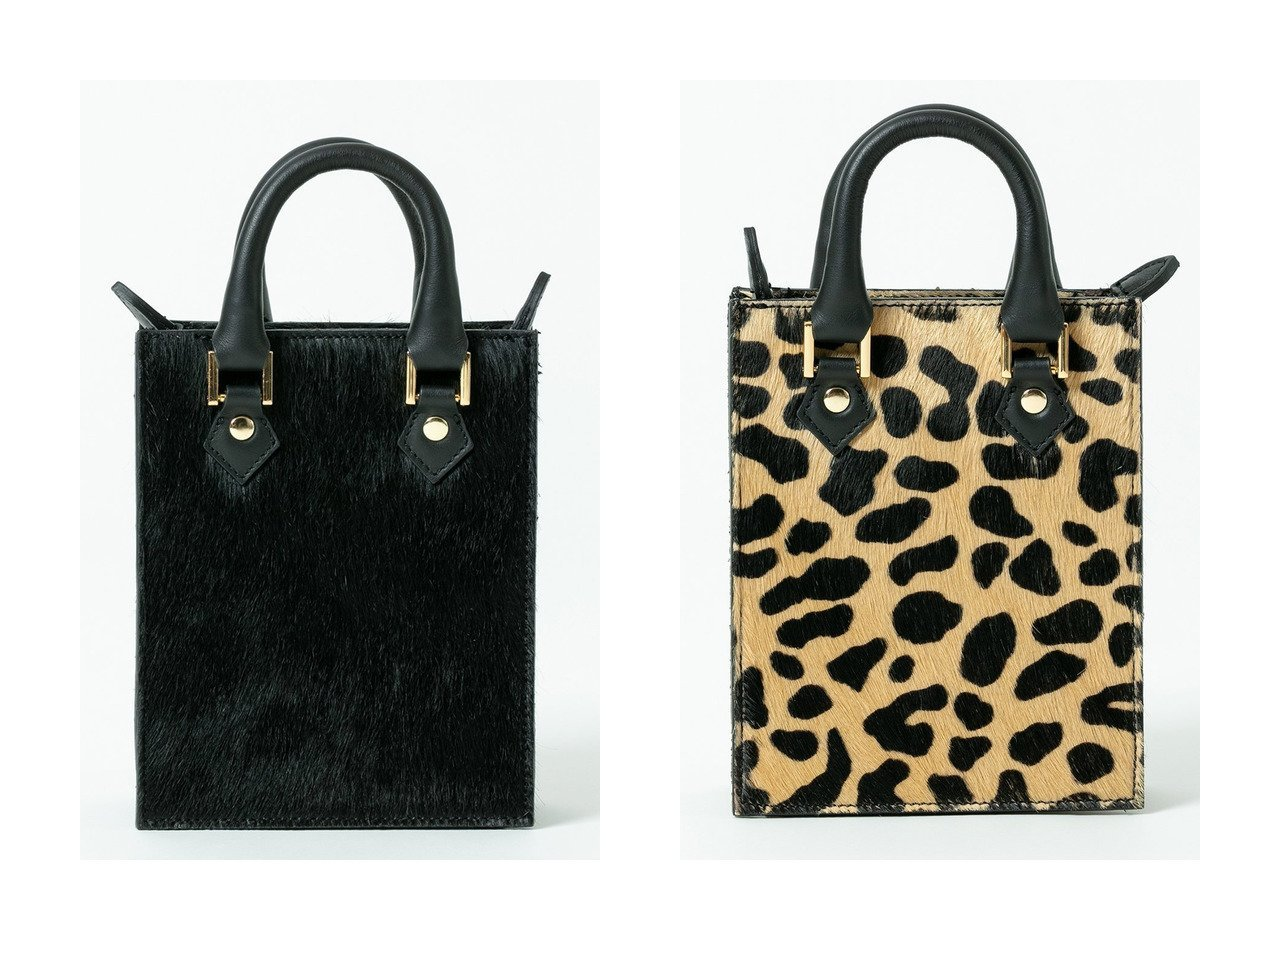 【allureville/アルアバイル】の【MARCO MASI per allureville】カウヘアーボックスミニショルダー 【バッグ・鞄】おすすめ!人気、トレンド・レディースファッションの通販 おすすめで人気の流行・トレンド、ファッションの通販商品 インテリア・家具・メンズファッション・キッズファッション・レディースファッション・服の通販 founy(ファニー) https://founy.com/ ファッション Fashion レディースファッション WOMEN 2020年 2020 2020-2021秋冬・A/W AW・Autumn/Winter・FW・Fall-Winter/2020-2021 2021年 2021 2021-2022秋冬・A/W AW・Autumn/Winter・FW・Fall-Winter・2021-2022 A/W・秋冬 AW・Autumn/Winter・FW・Fall-Winter コンパクト ショルダー シンプル スクエア スタイリッシュ フォルム |ID:crp329100000061834